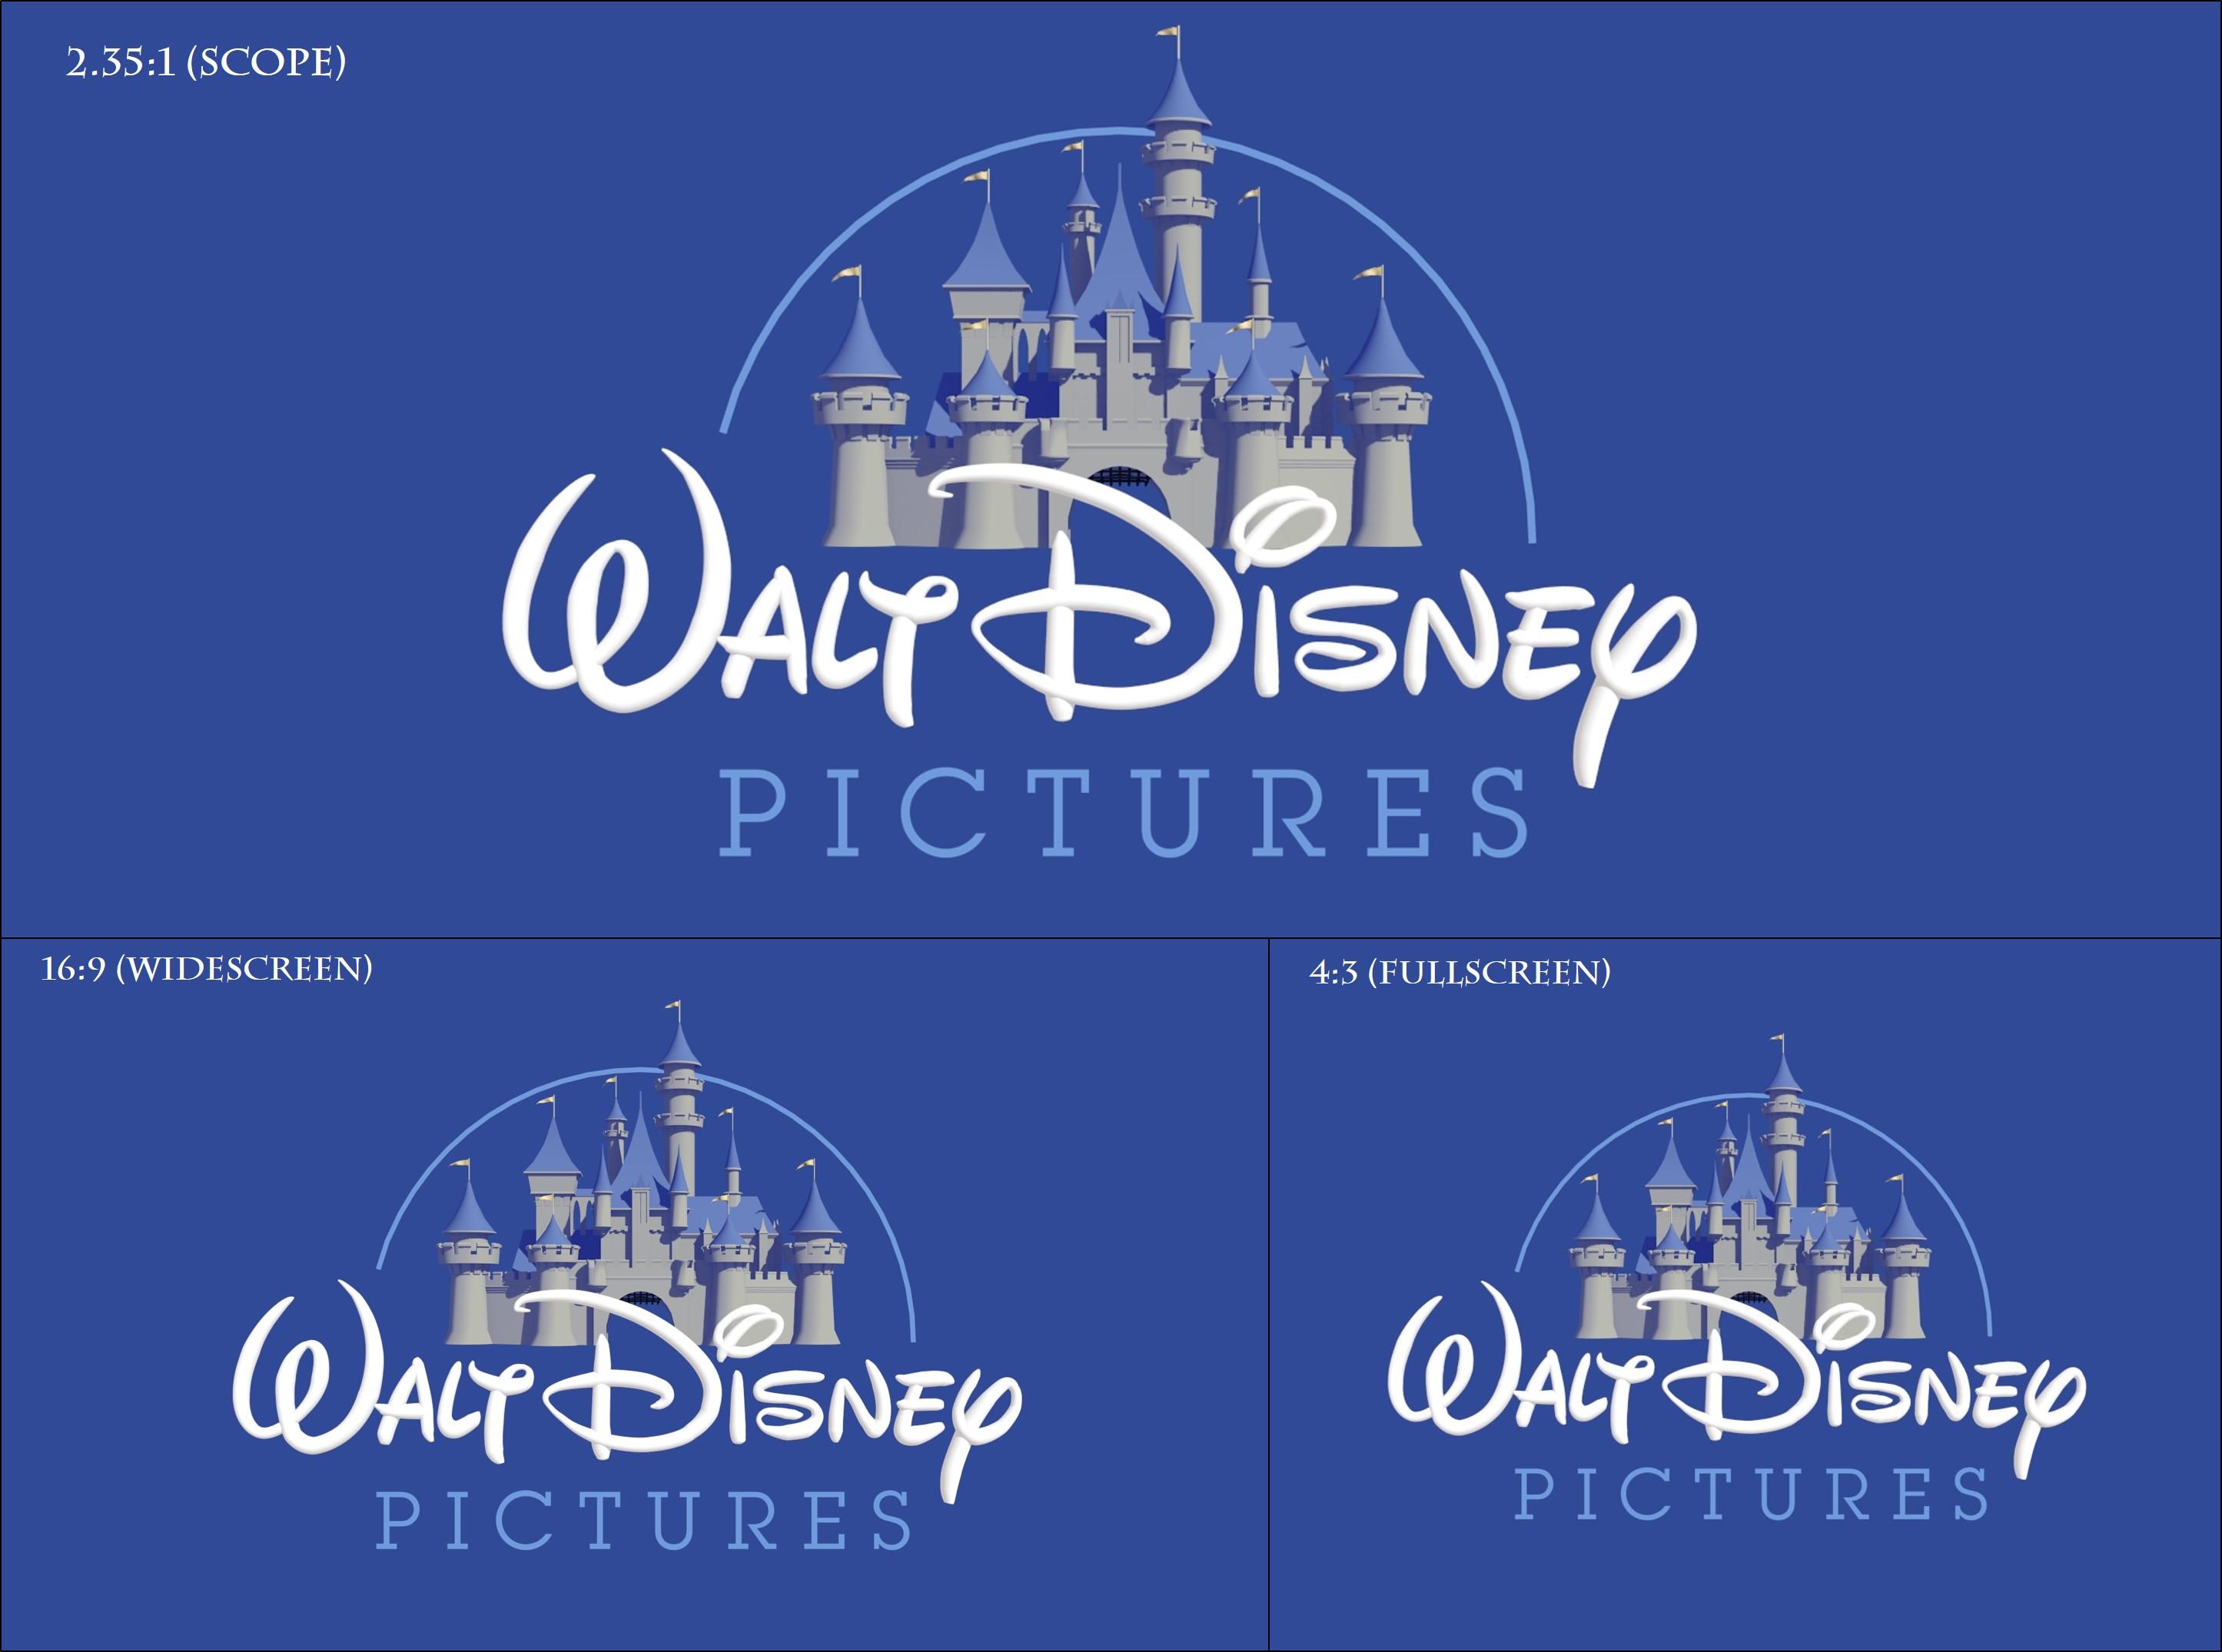 Walt Disney Pictures Pixar Logo Remakes Sept Upd By Tppercival On Deviantart